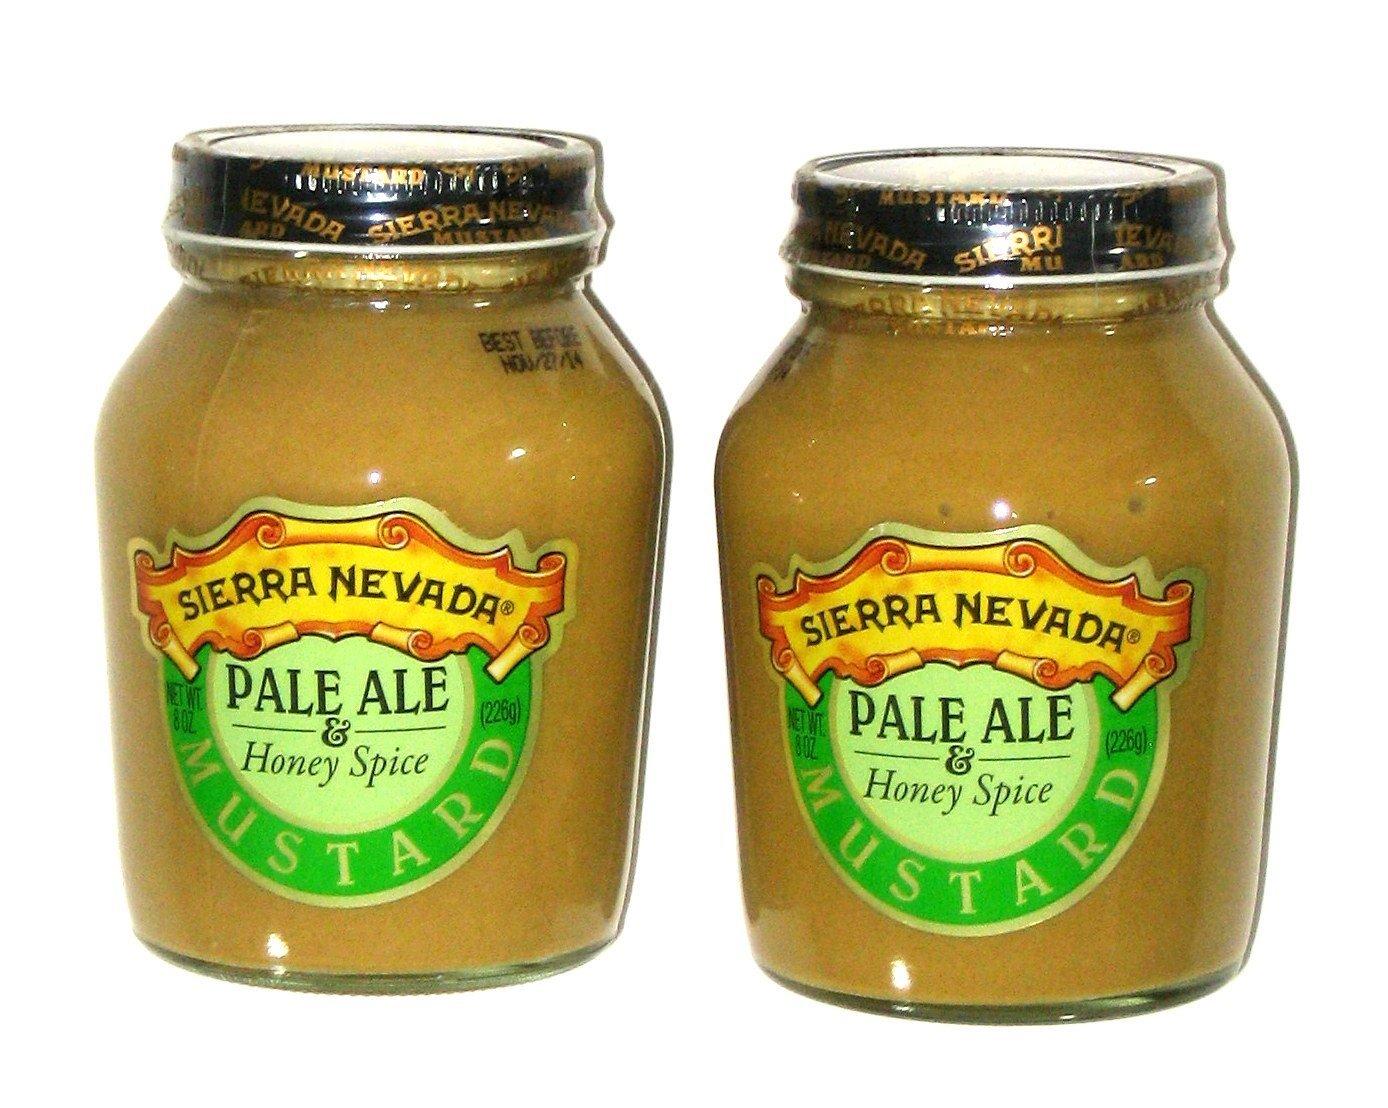 Sierra Nevada Mustard Pale Ale by Sierra Nevada